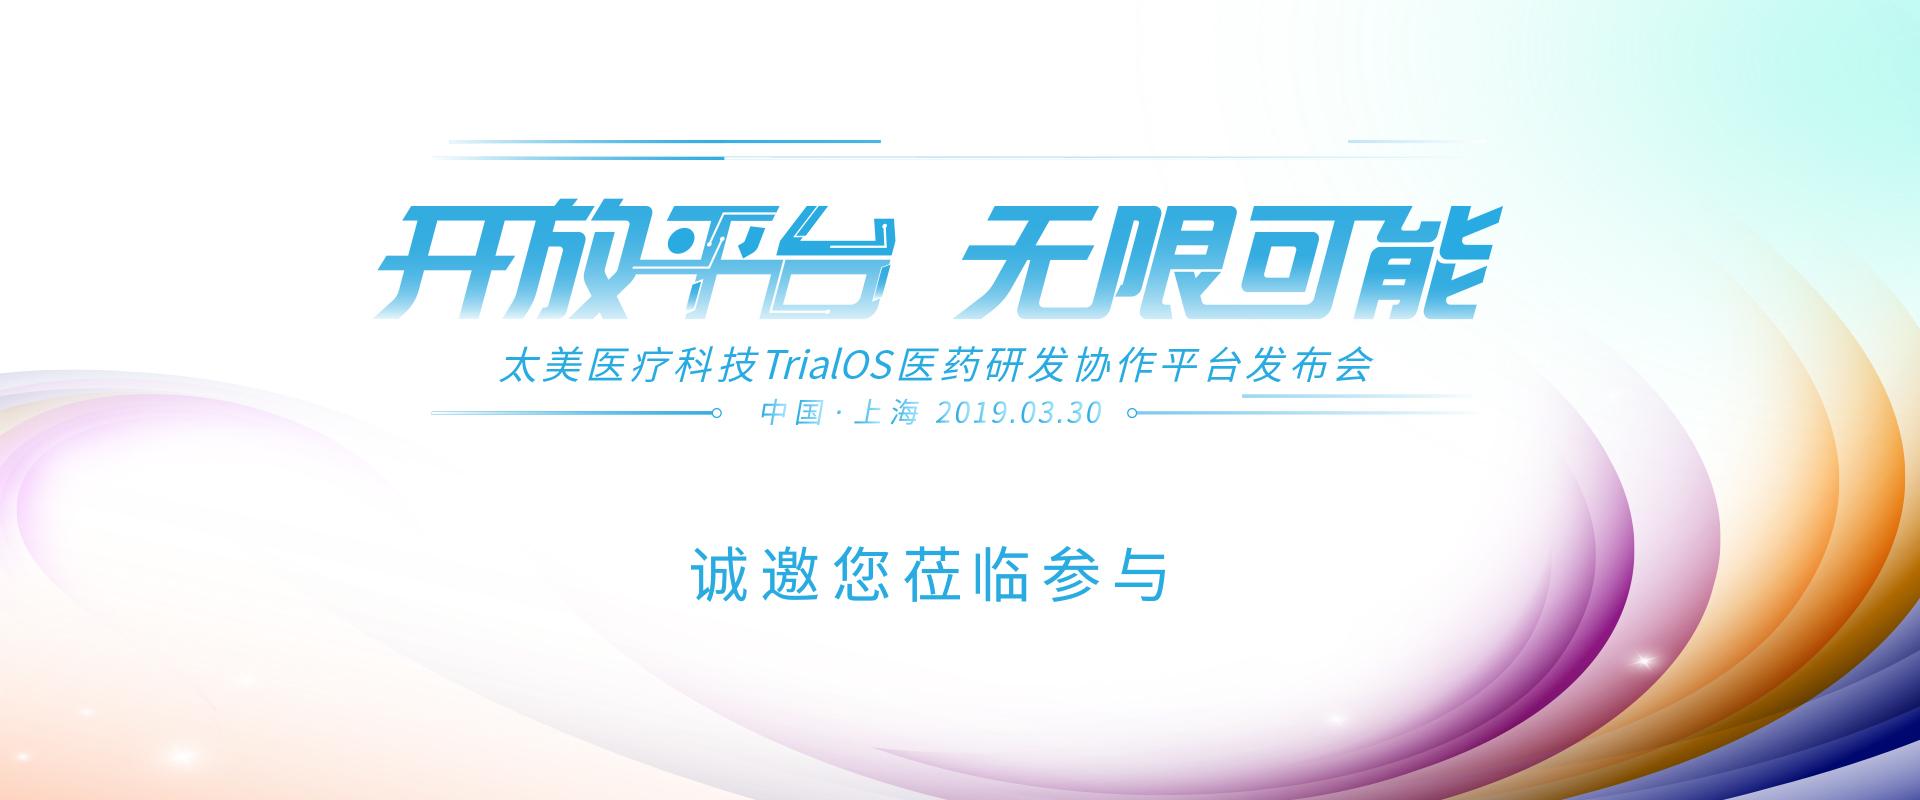 开放平台,无限可能——太美医疗科技TrialOS 医药研发协作平台发布会